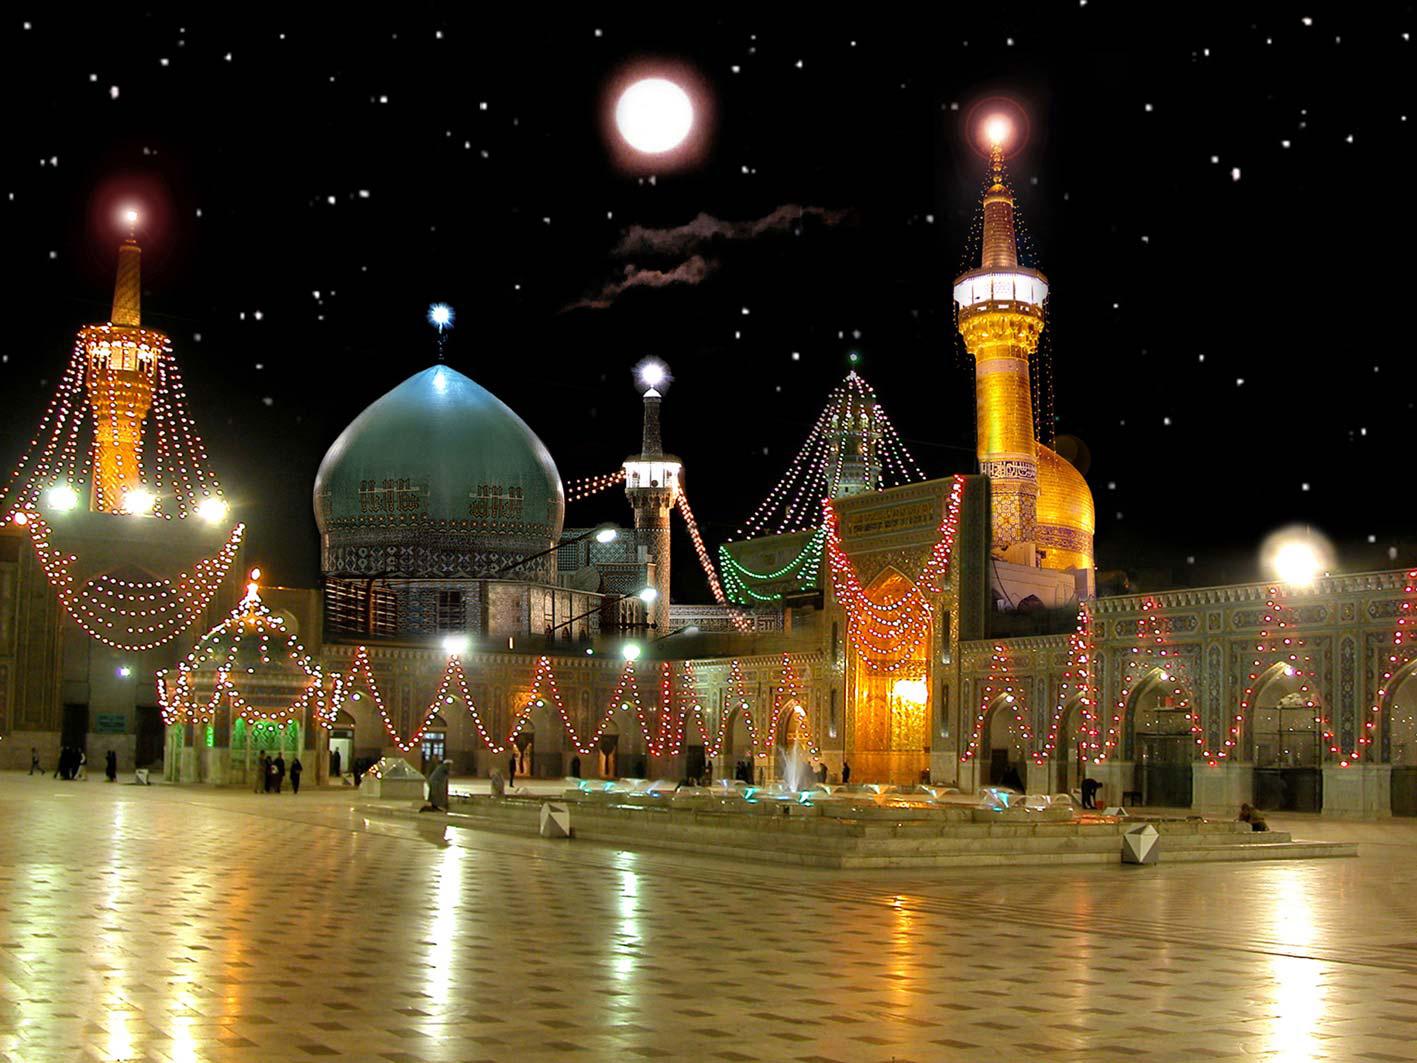 مسافرخانه اقبال در مشهد | مشهدسرا - 1458